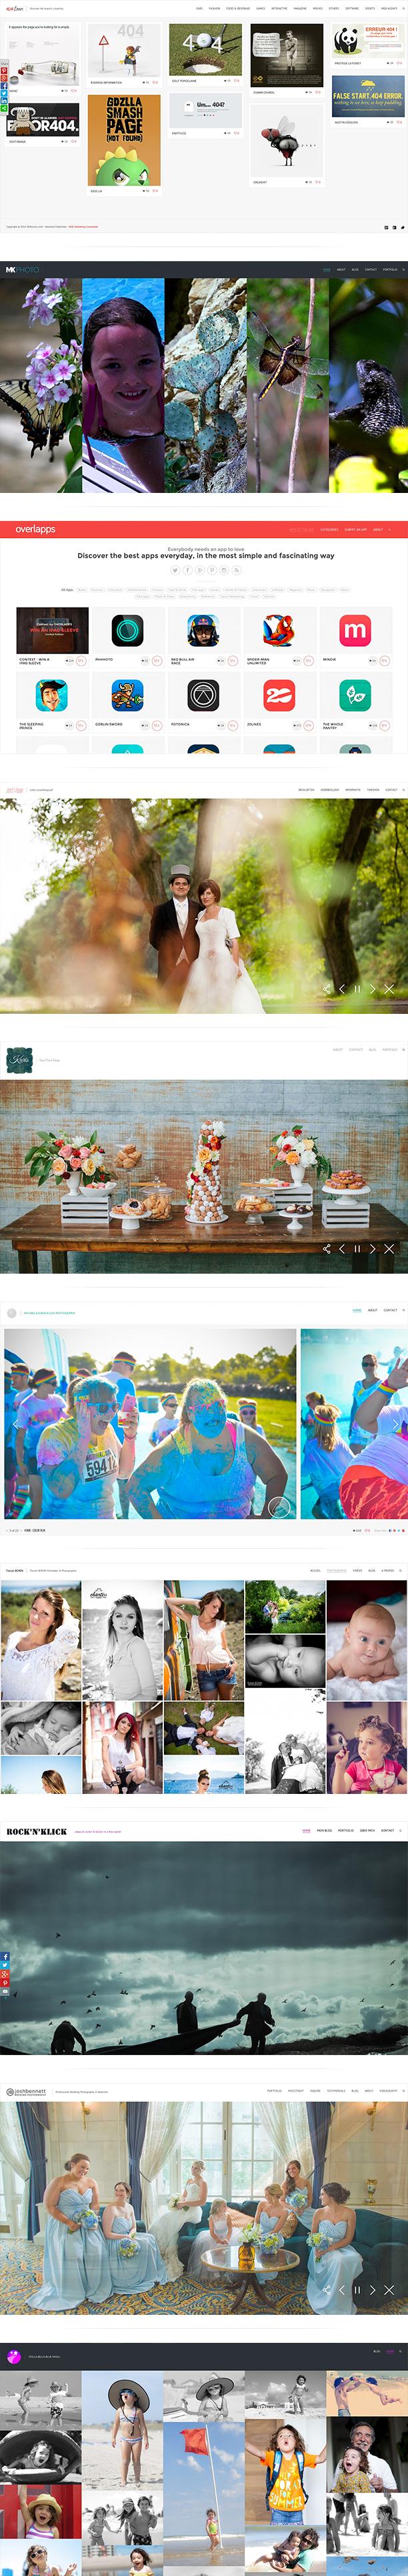 Photography Portfolio WordPress Theme - Oyster - 1